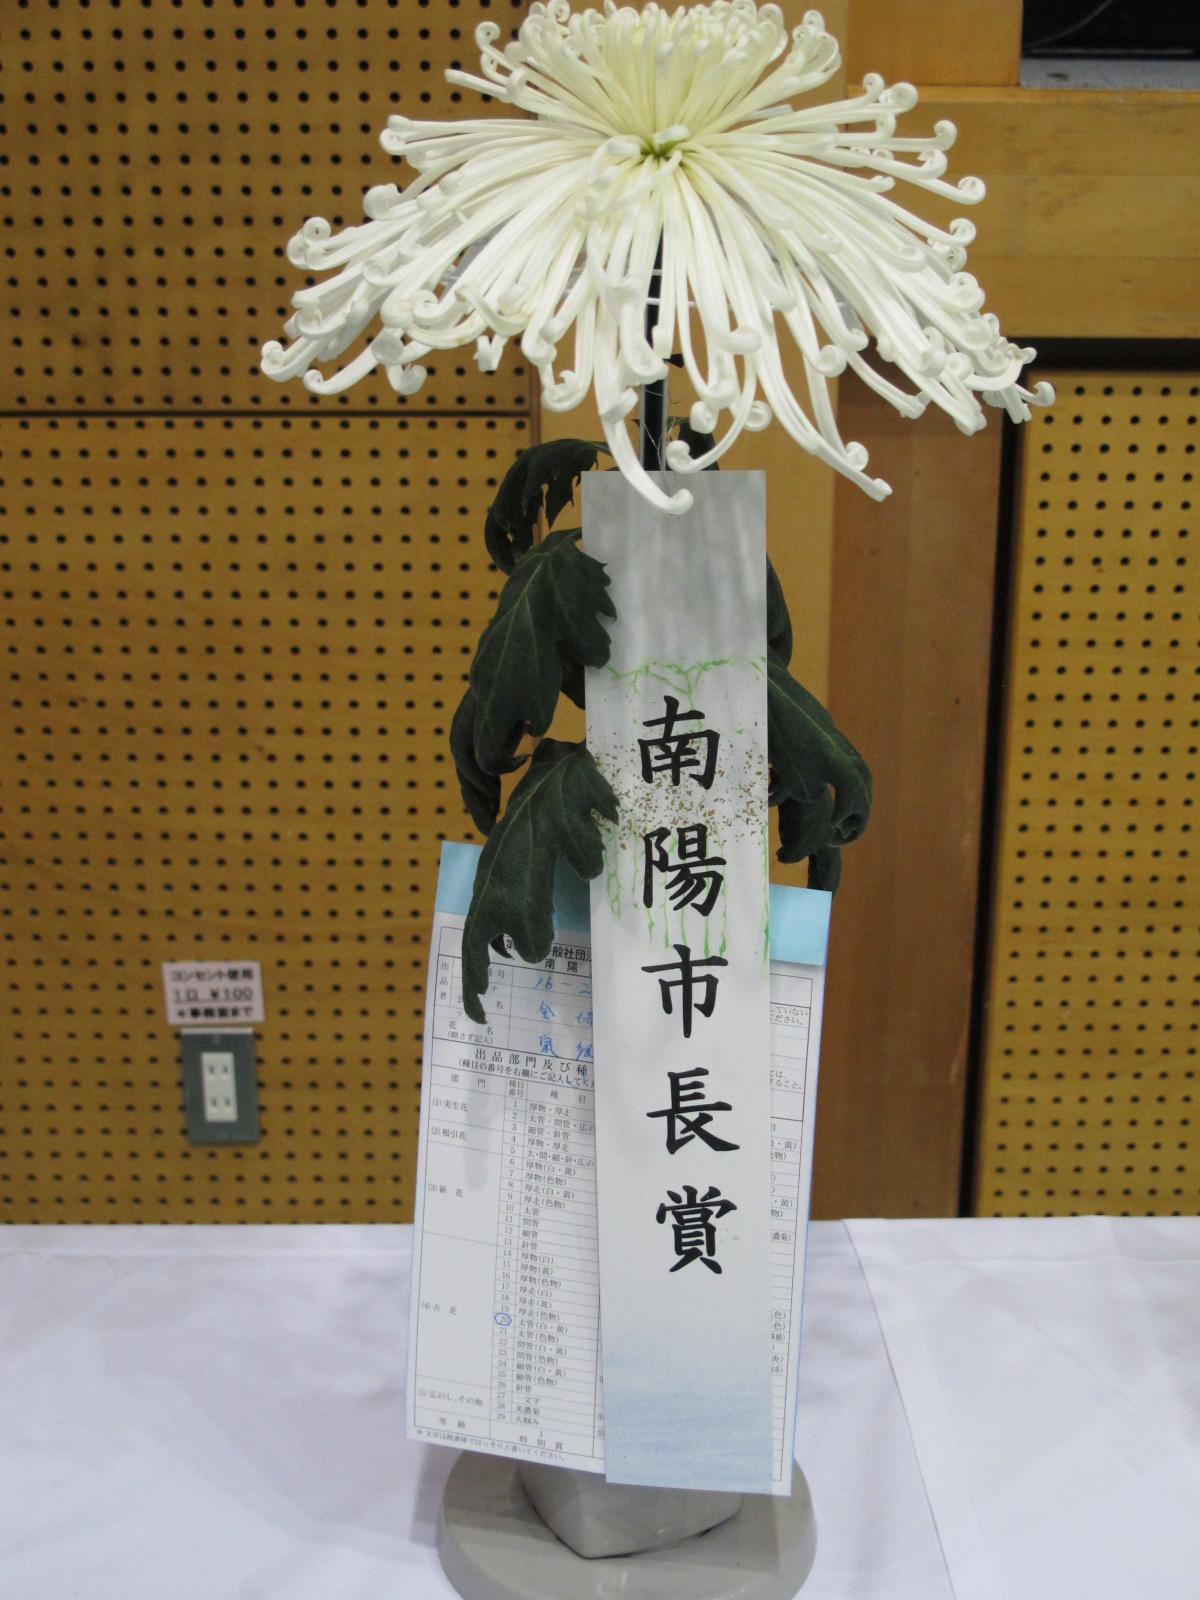 第100回 南陽の菊まつり展(12)_c0075701_20214518.jpg